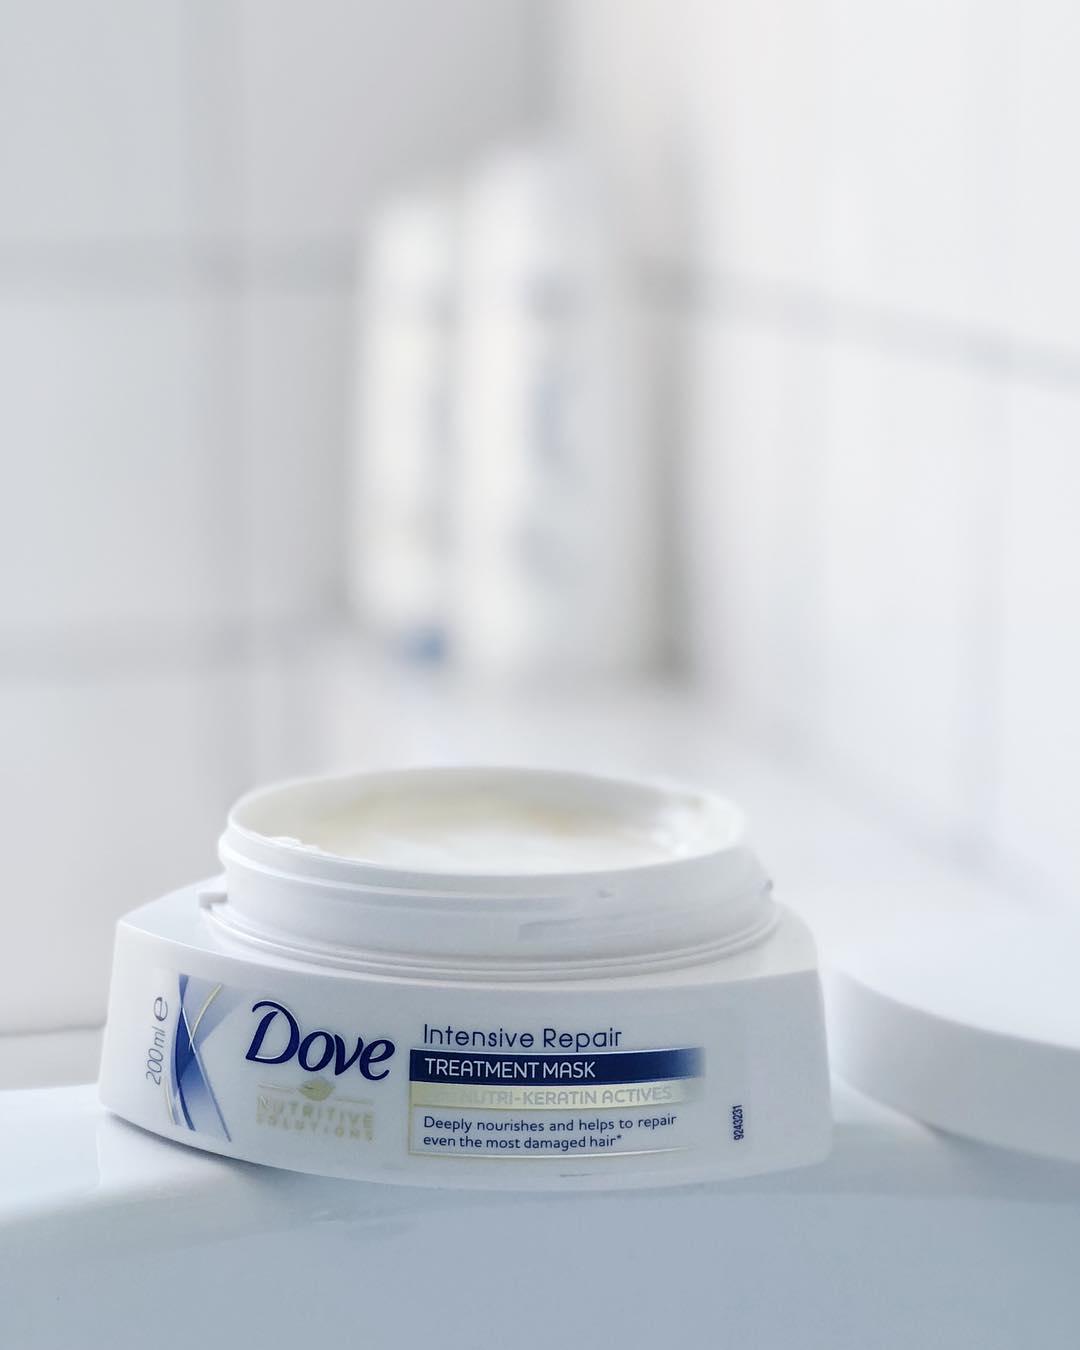 Kem ủ có phải là một giải pháp tốt cho tóc hư tổn?